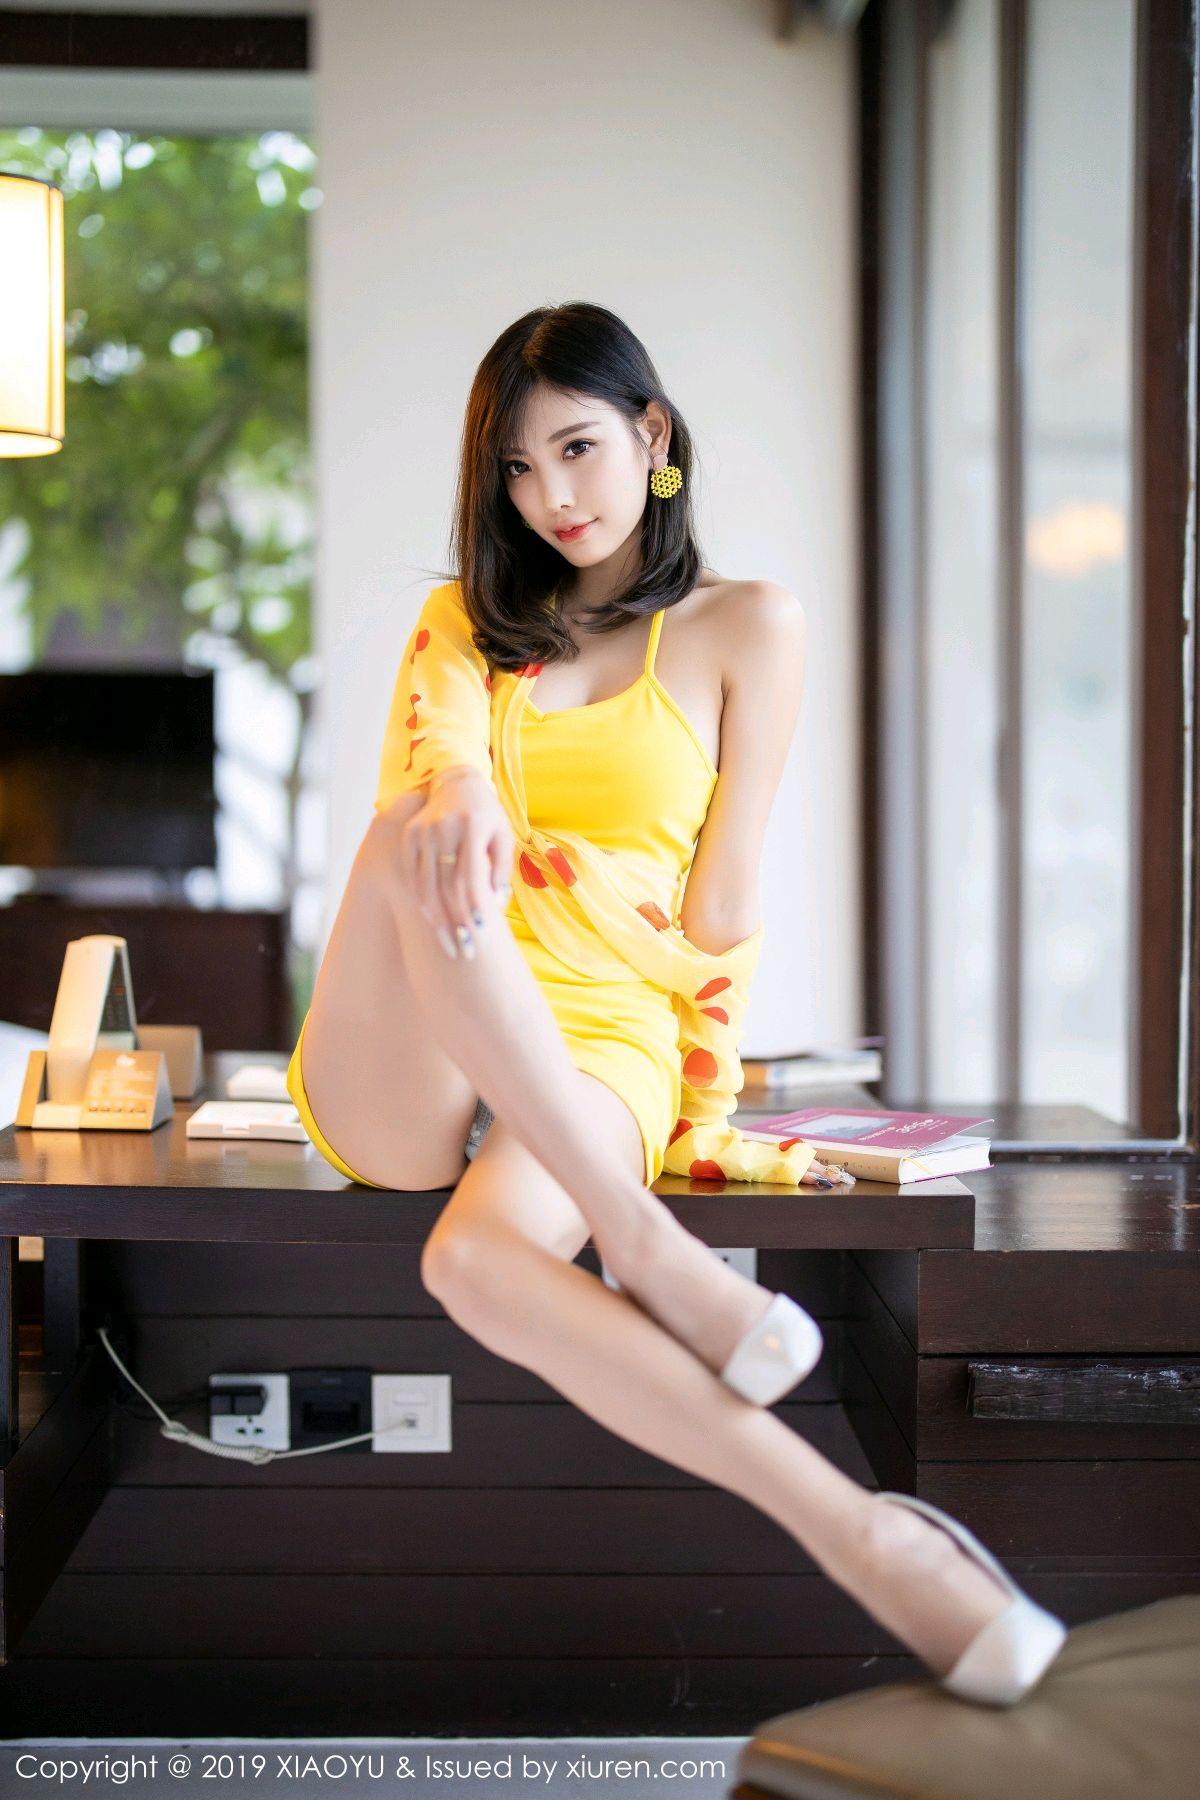 [XiaoYu] VOL.204 Yang Chen Chen 15P, Pure, XiaoYu, Yang Chen Chen